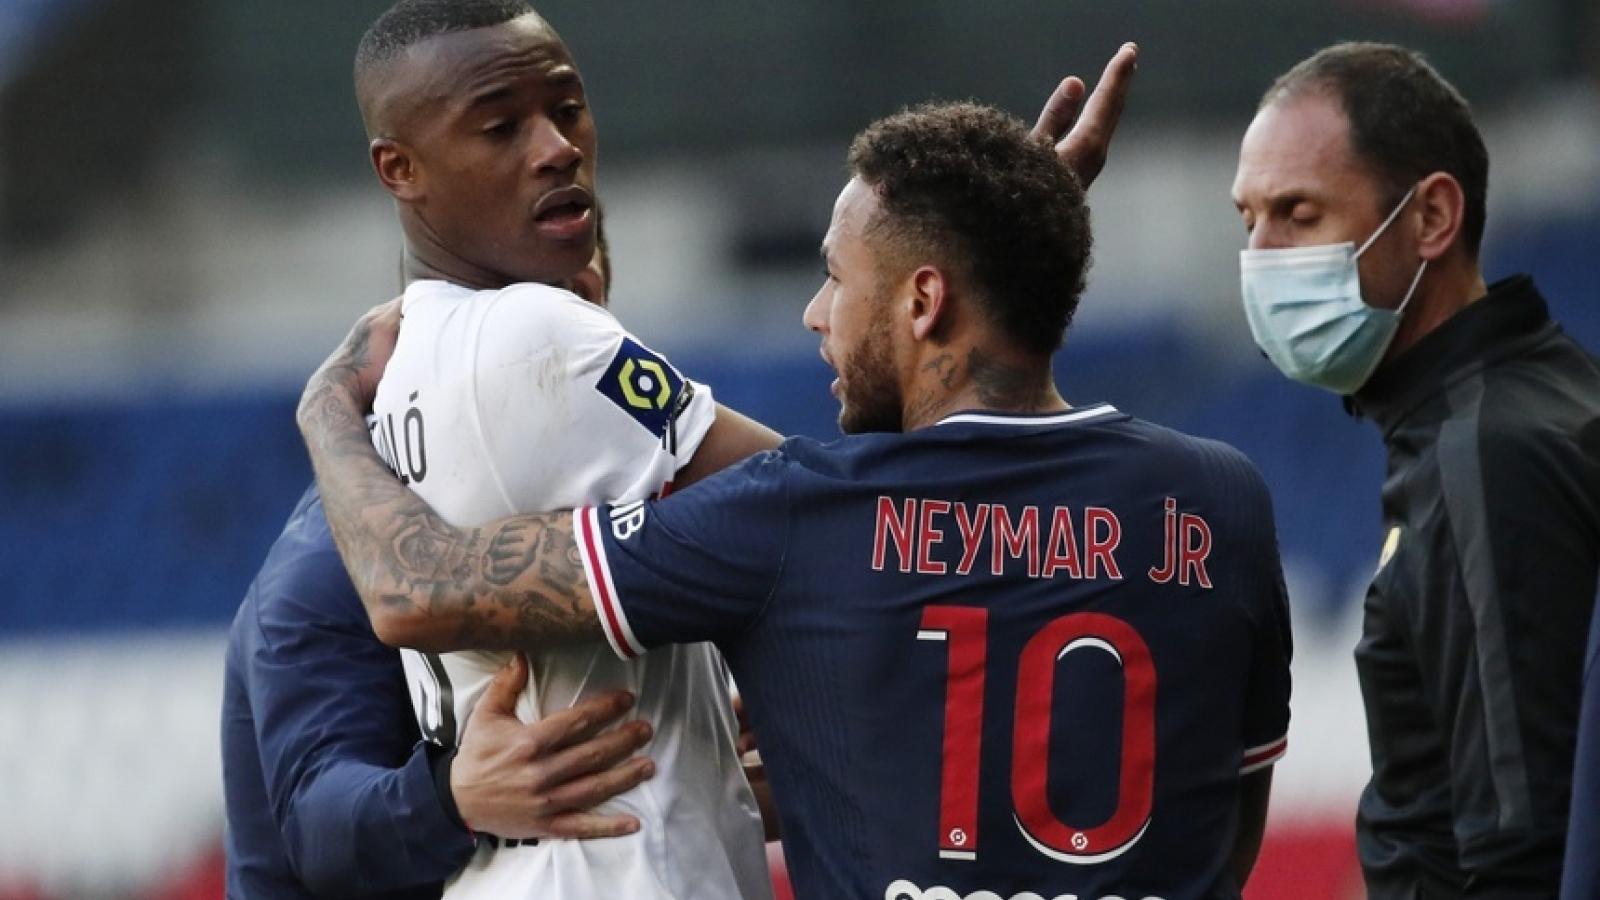 Vừa trở lại sau chấn thương, Neymar nhận thẻ đỏ thứ 11 trong sự nghiệp